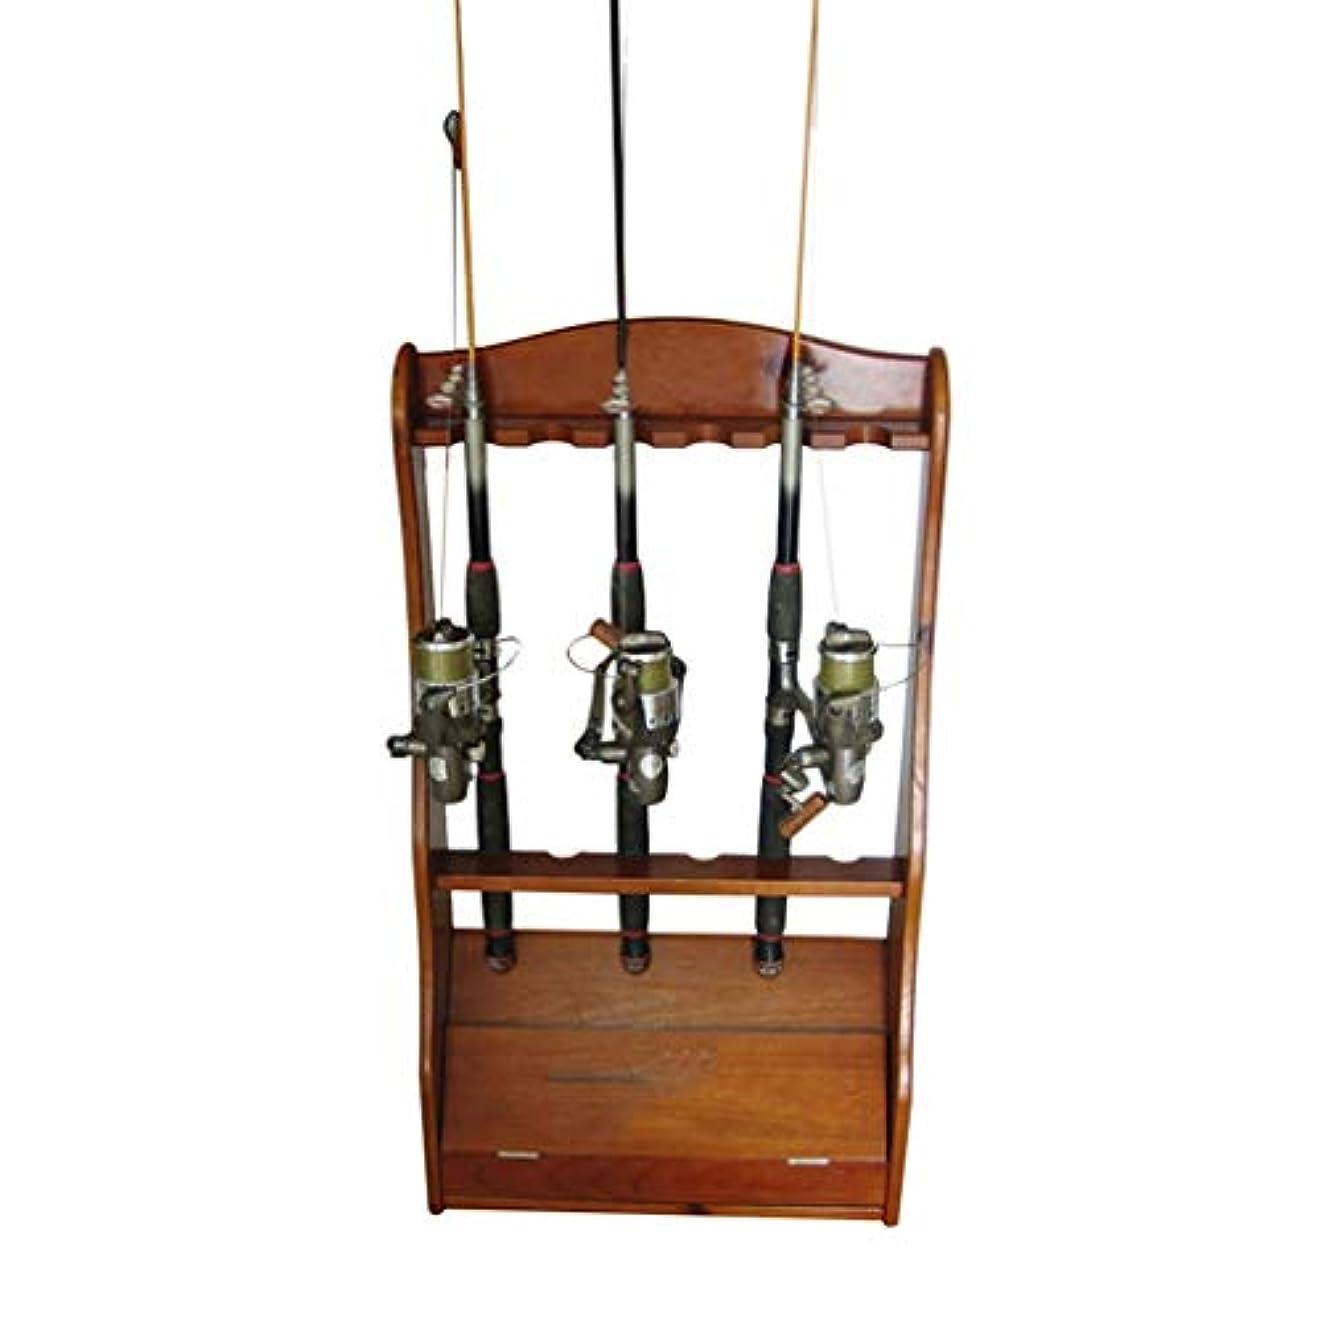 メイト高めるただやる釣り竿陳列台/ソリッドウッド製釣り竿棚/収納棚/ラック/プールキュー/家庭用釣り道具 ロッドスタンド (Color : Brown, Size : 43.5*16*80cm)